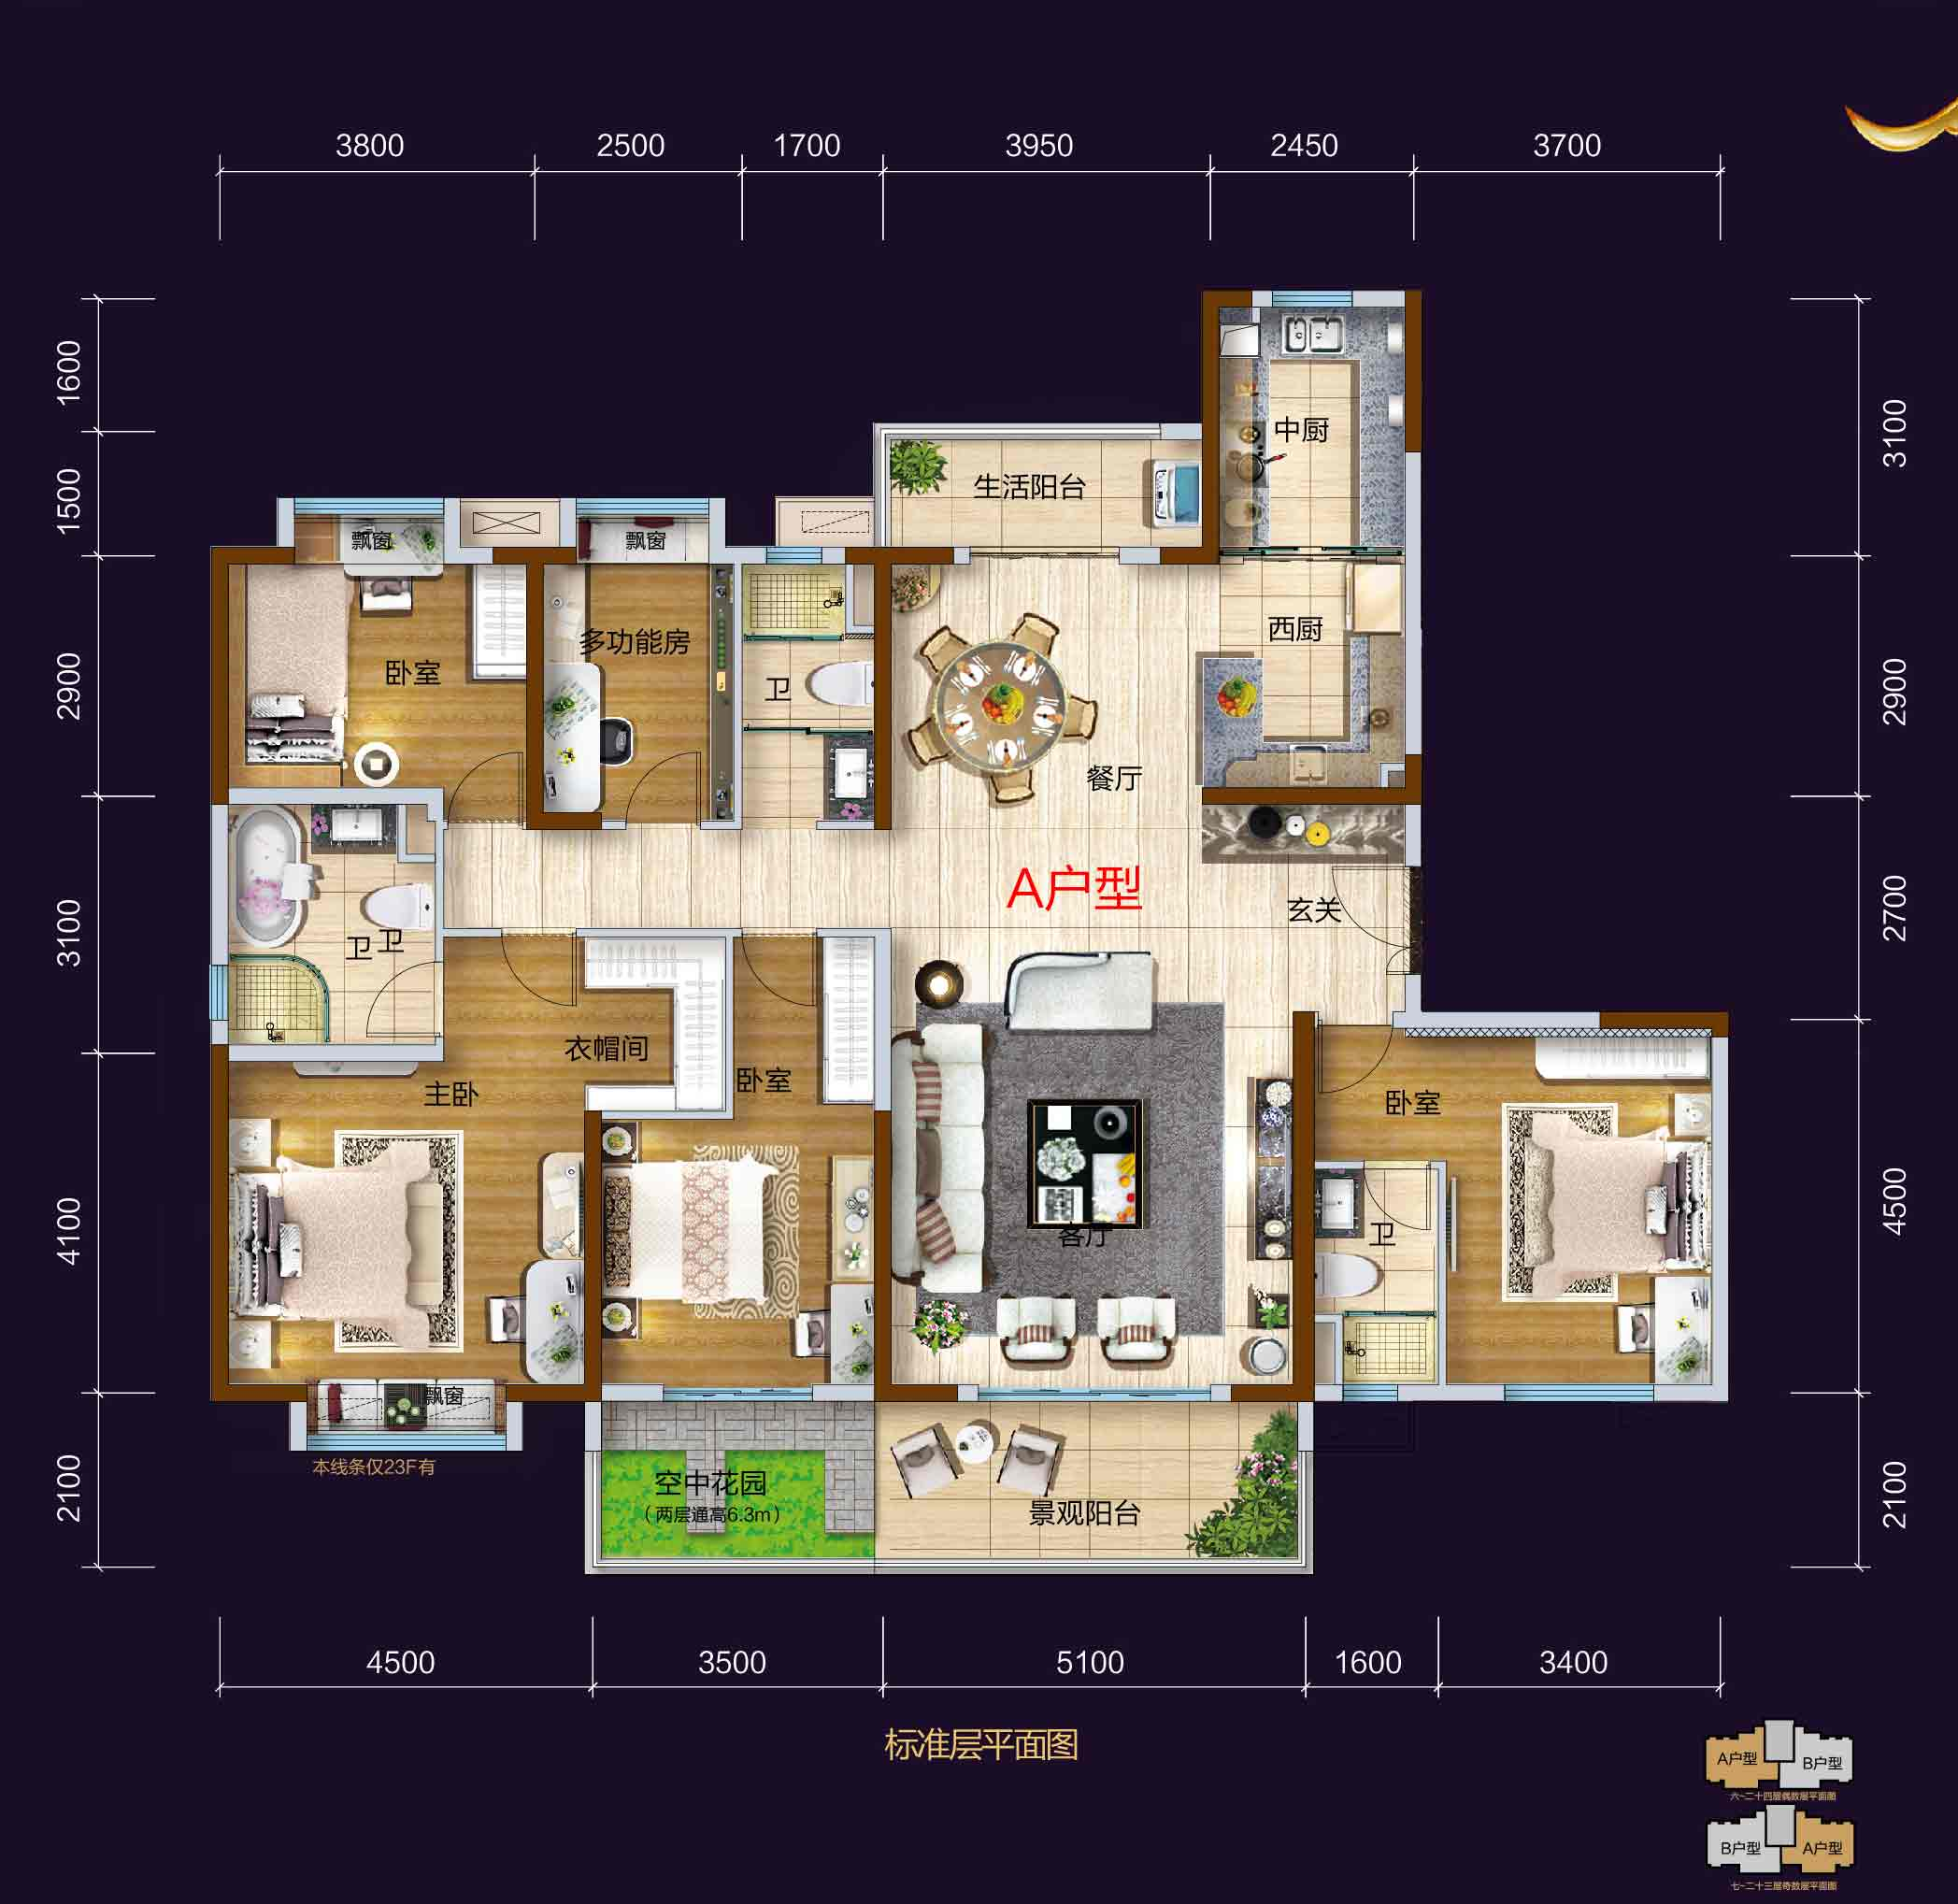 长阳碧桂园长阳碧桂园A户型图-5室2厅户型图